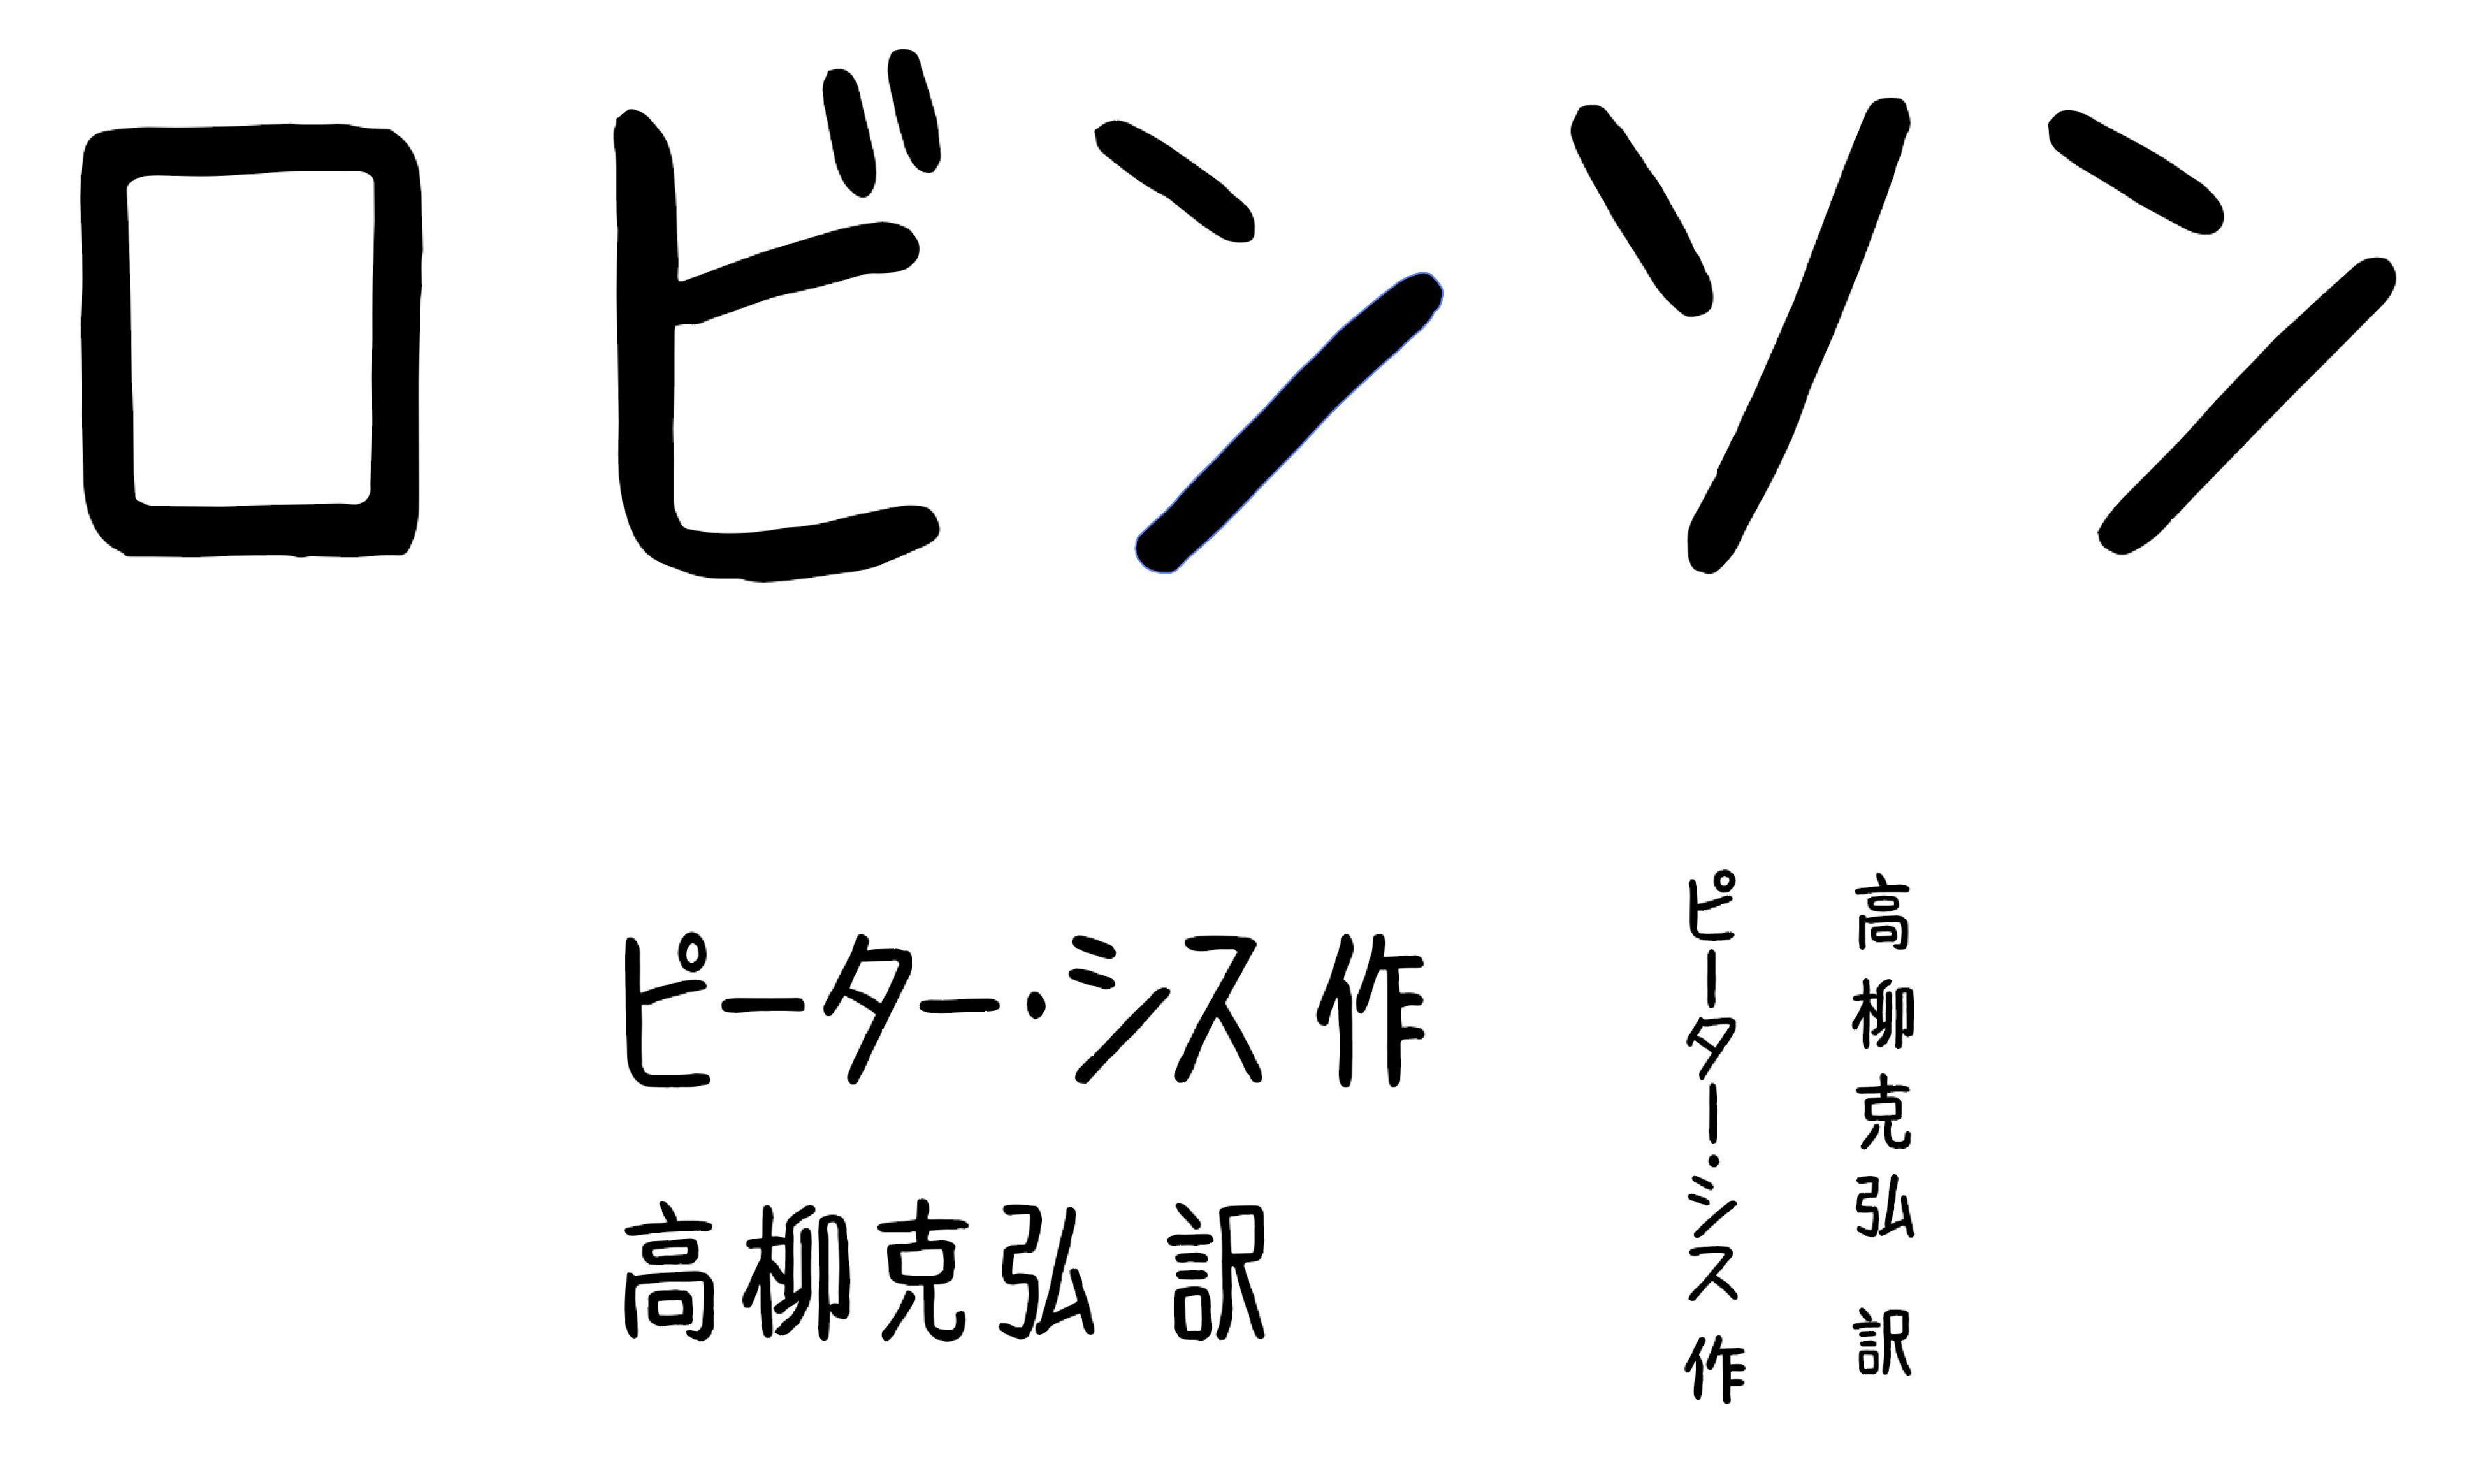 手書きで美しい「ロビンソン」のタイトル文字